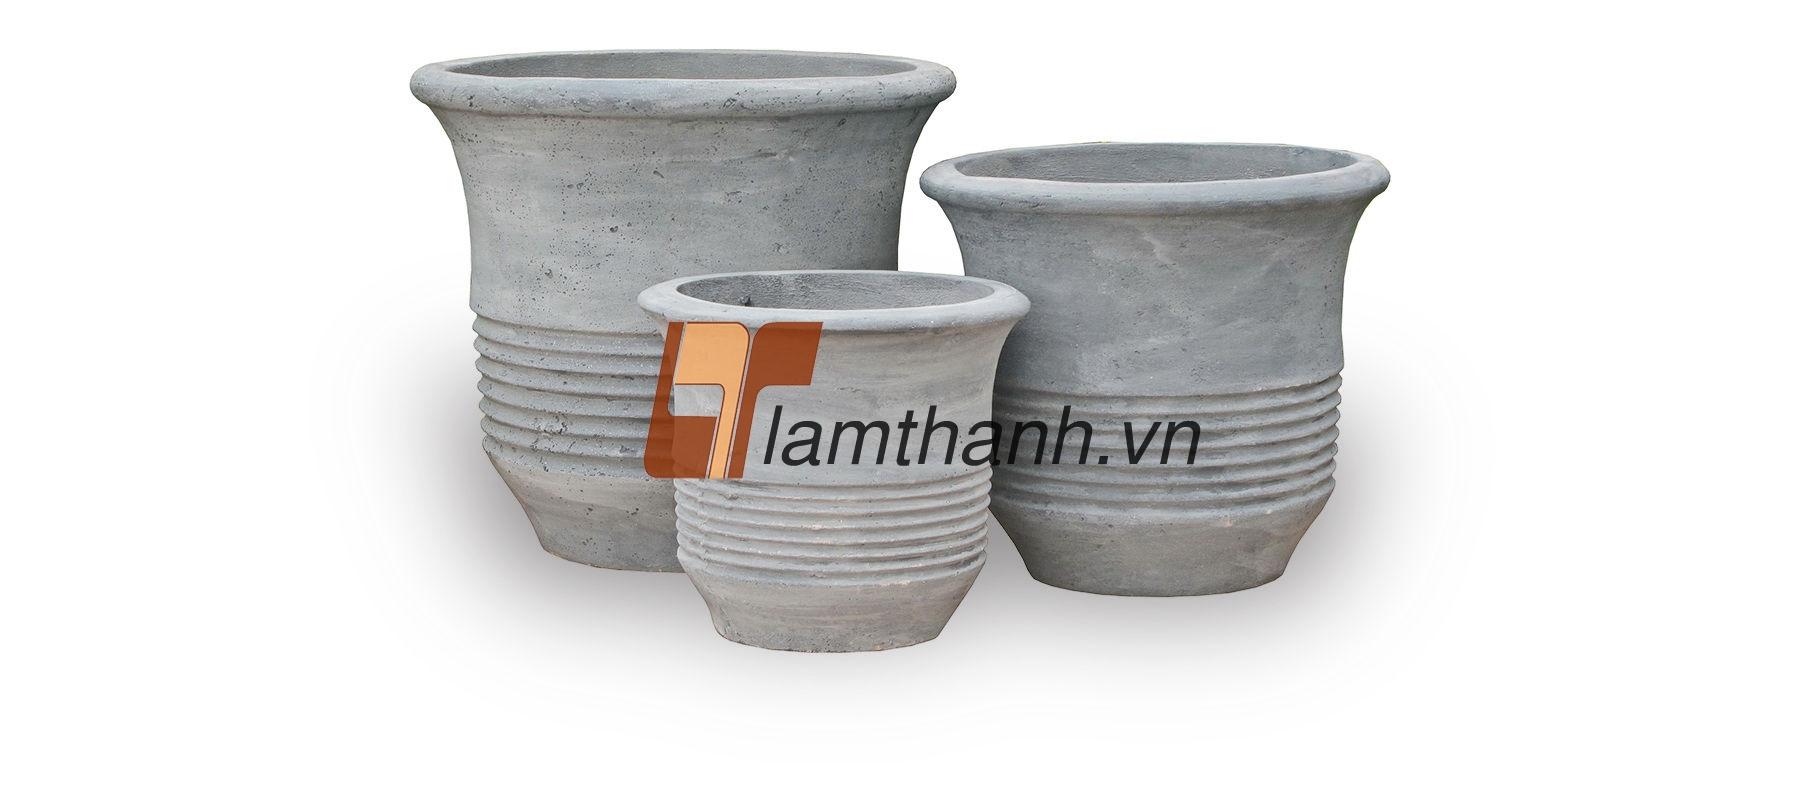 vietnam concrete, fibercement 10